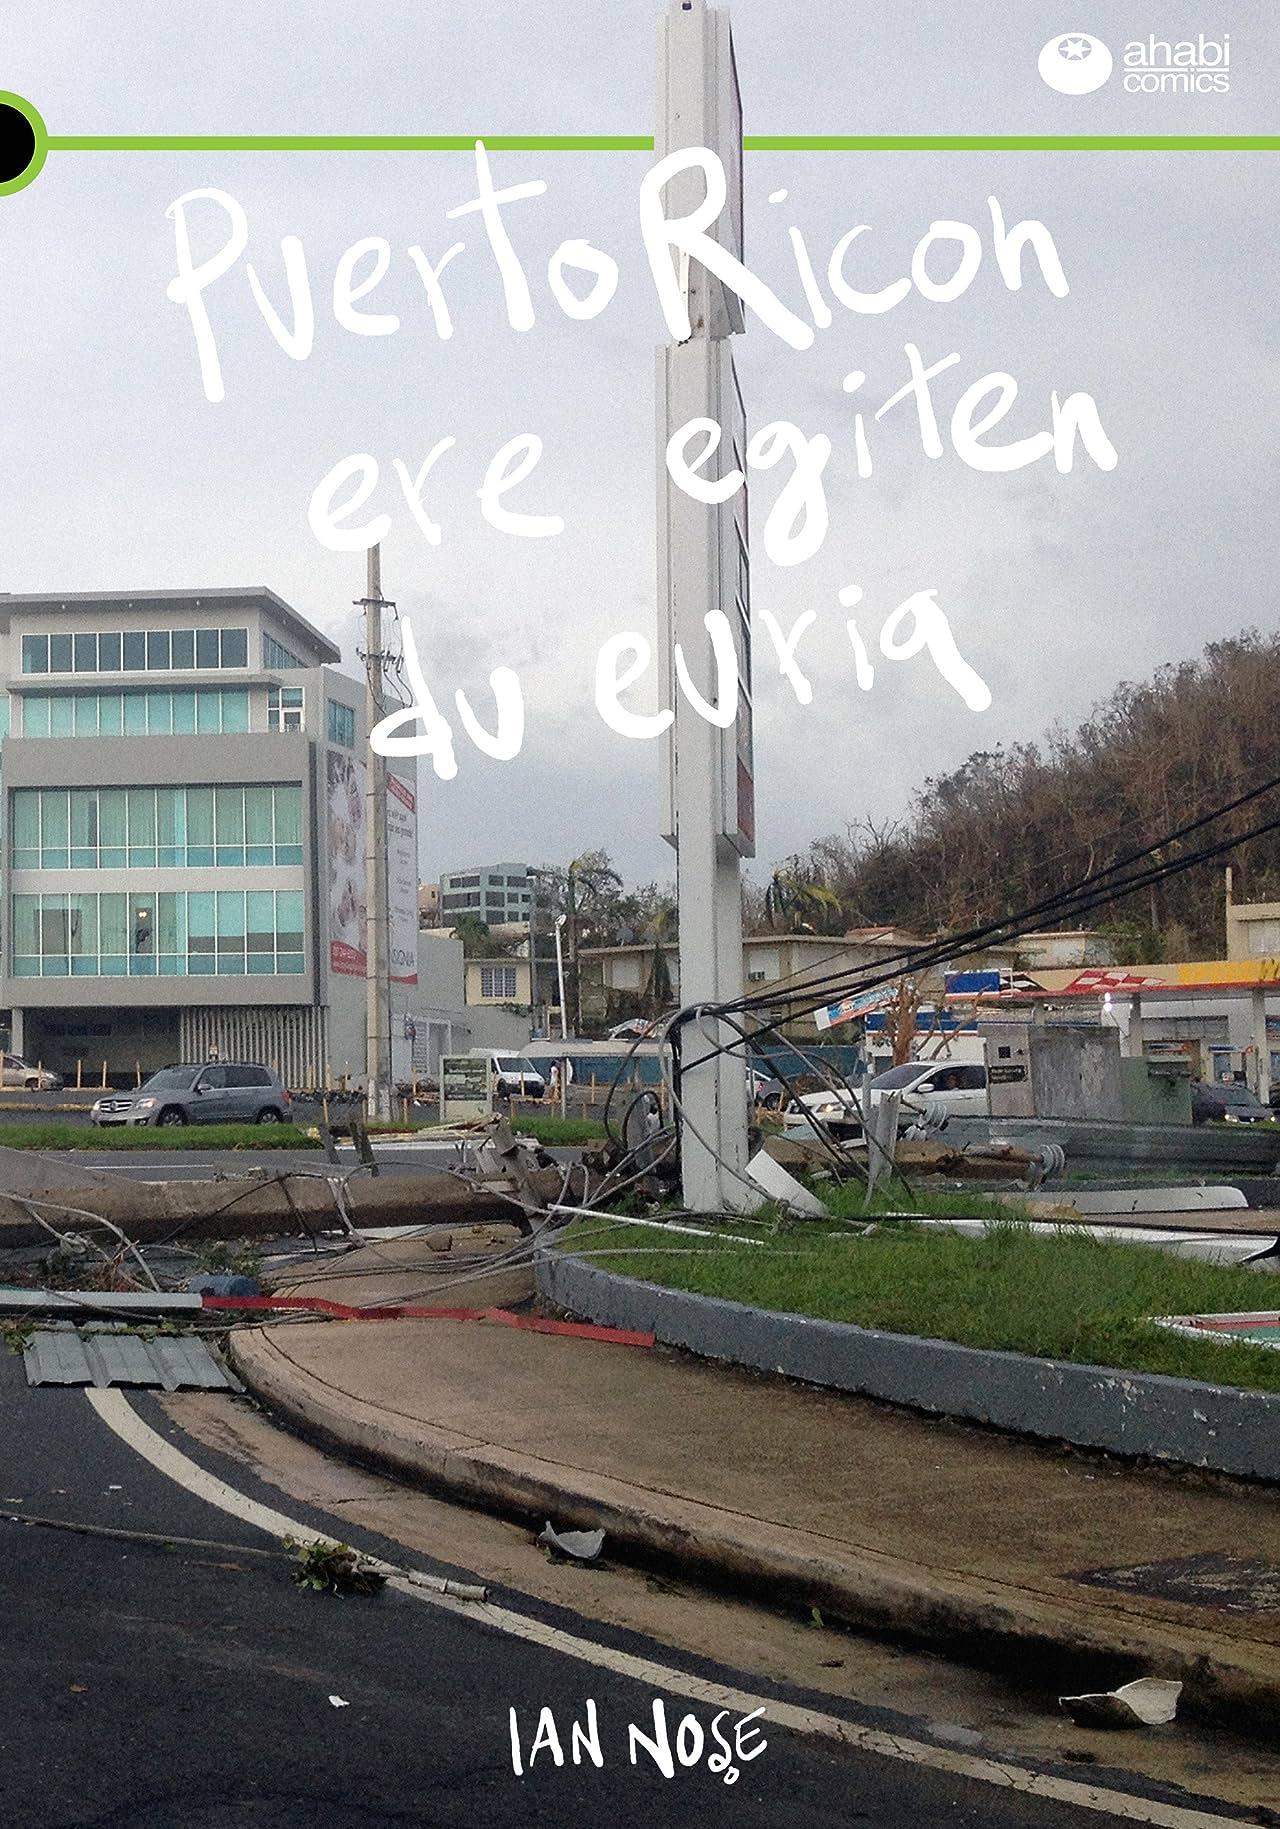 Puerto Ricon ere egiten du euria